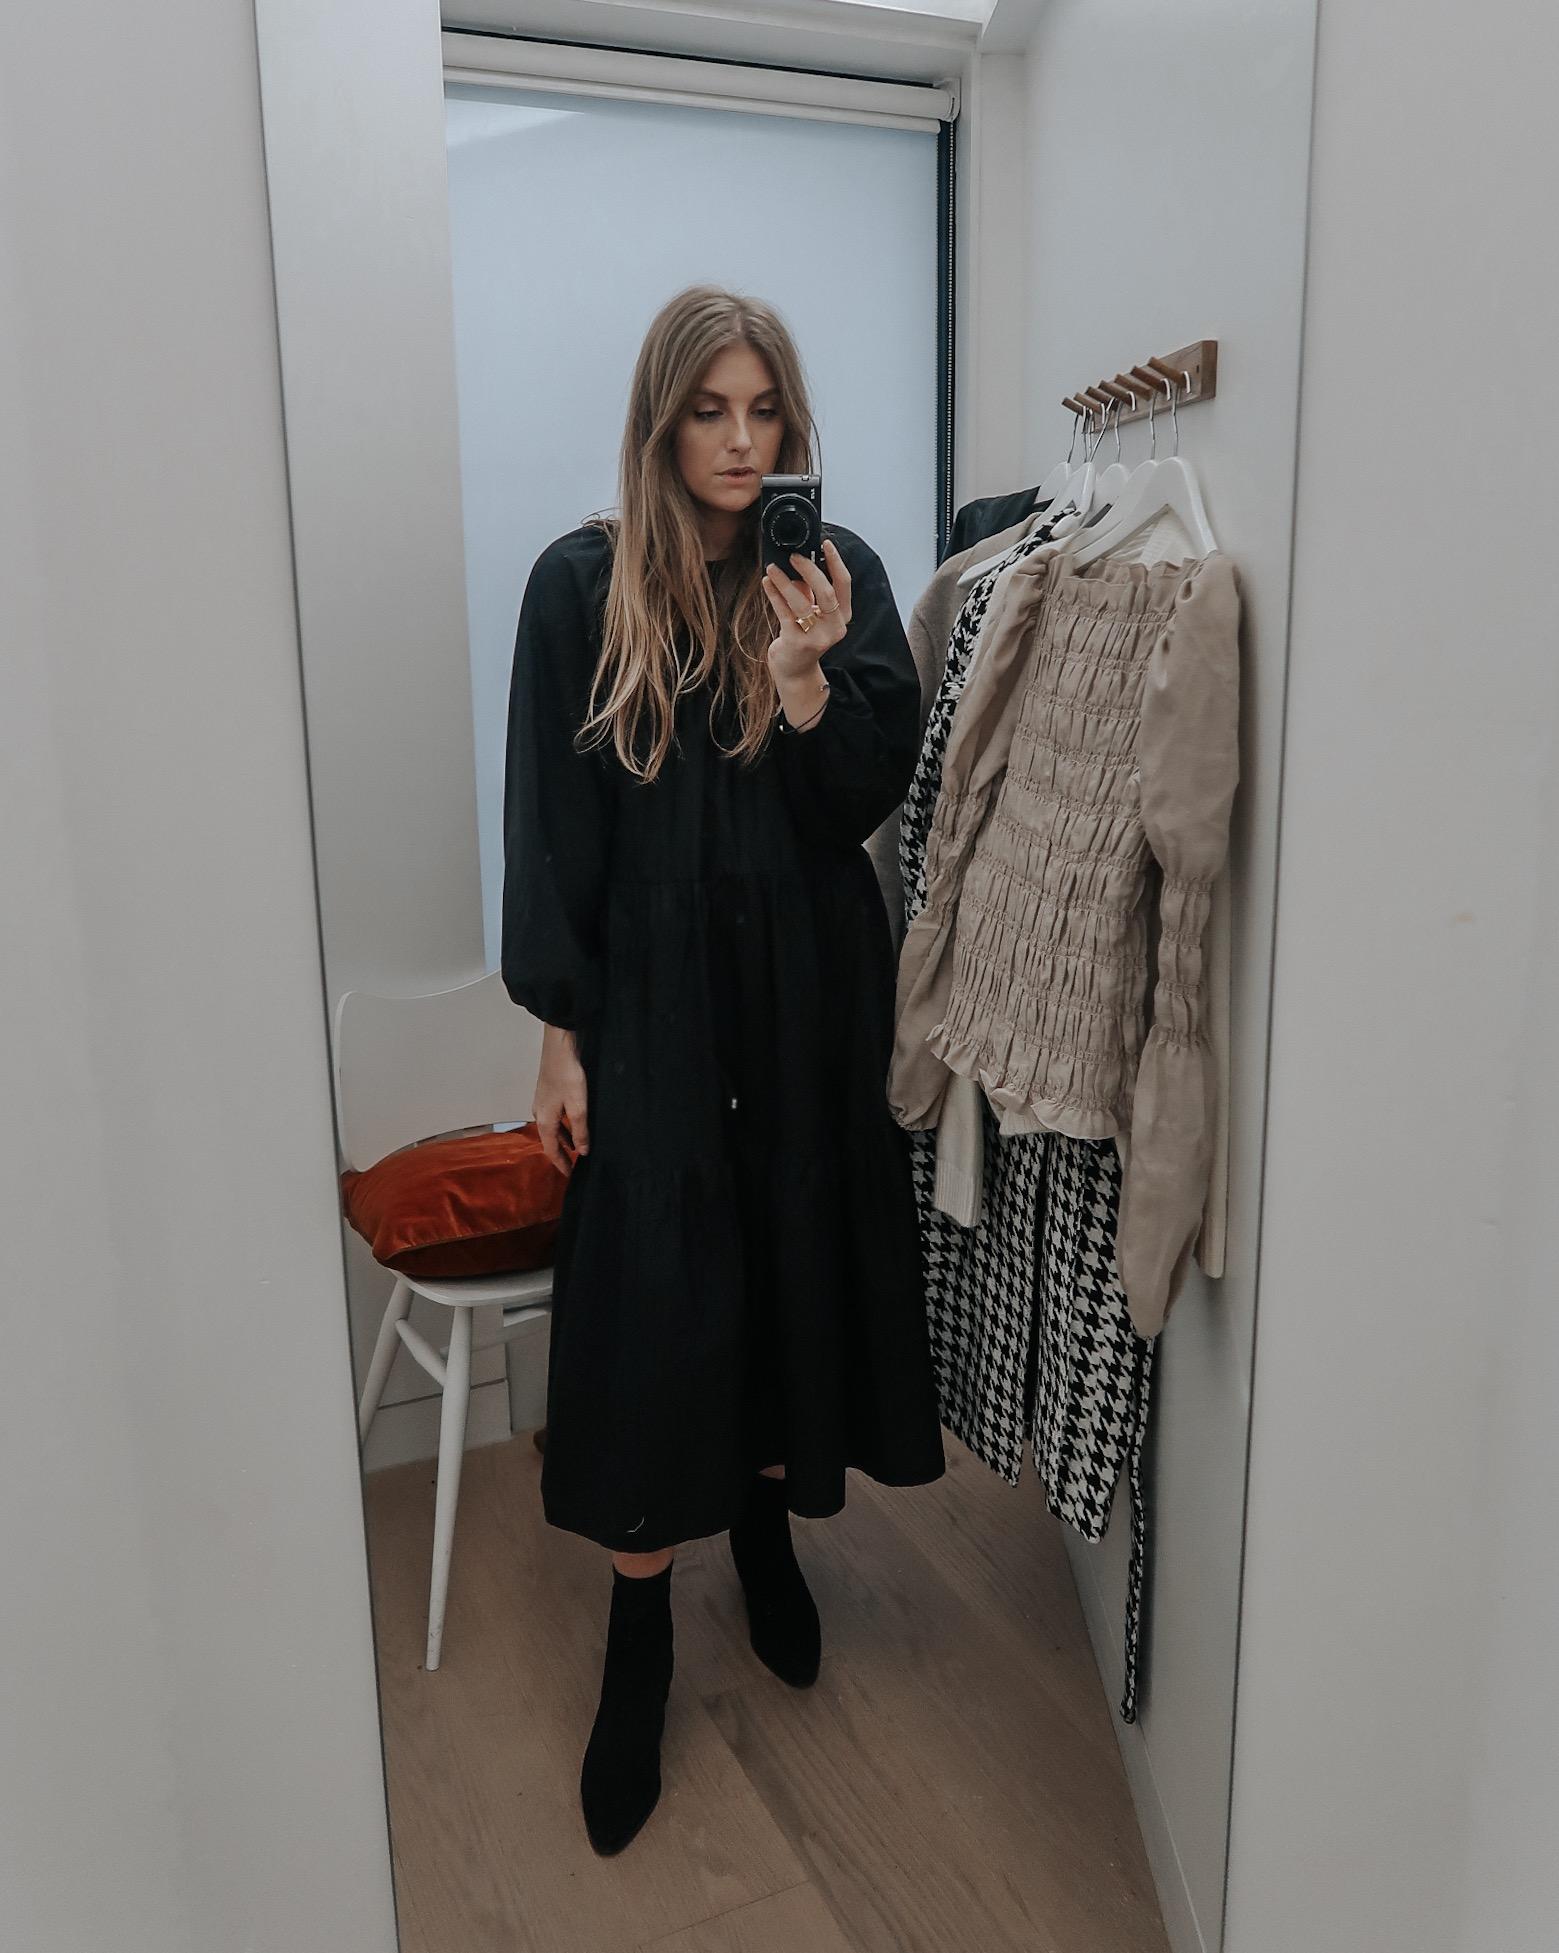 H&M Black Midi Dress Styling Ideas